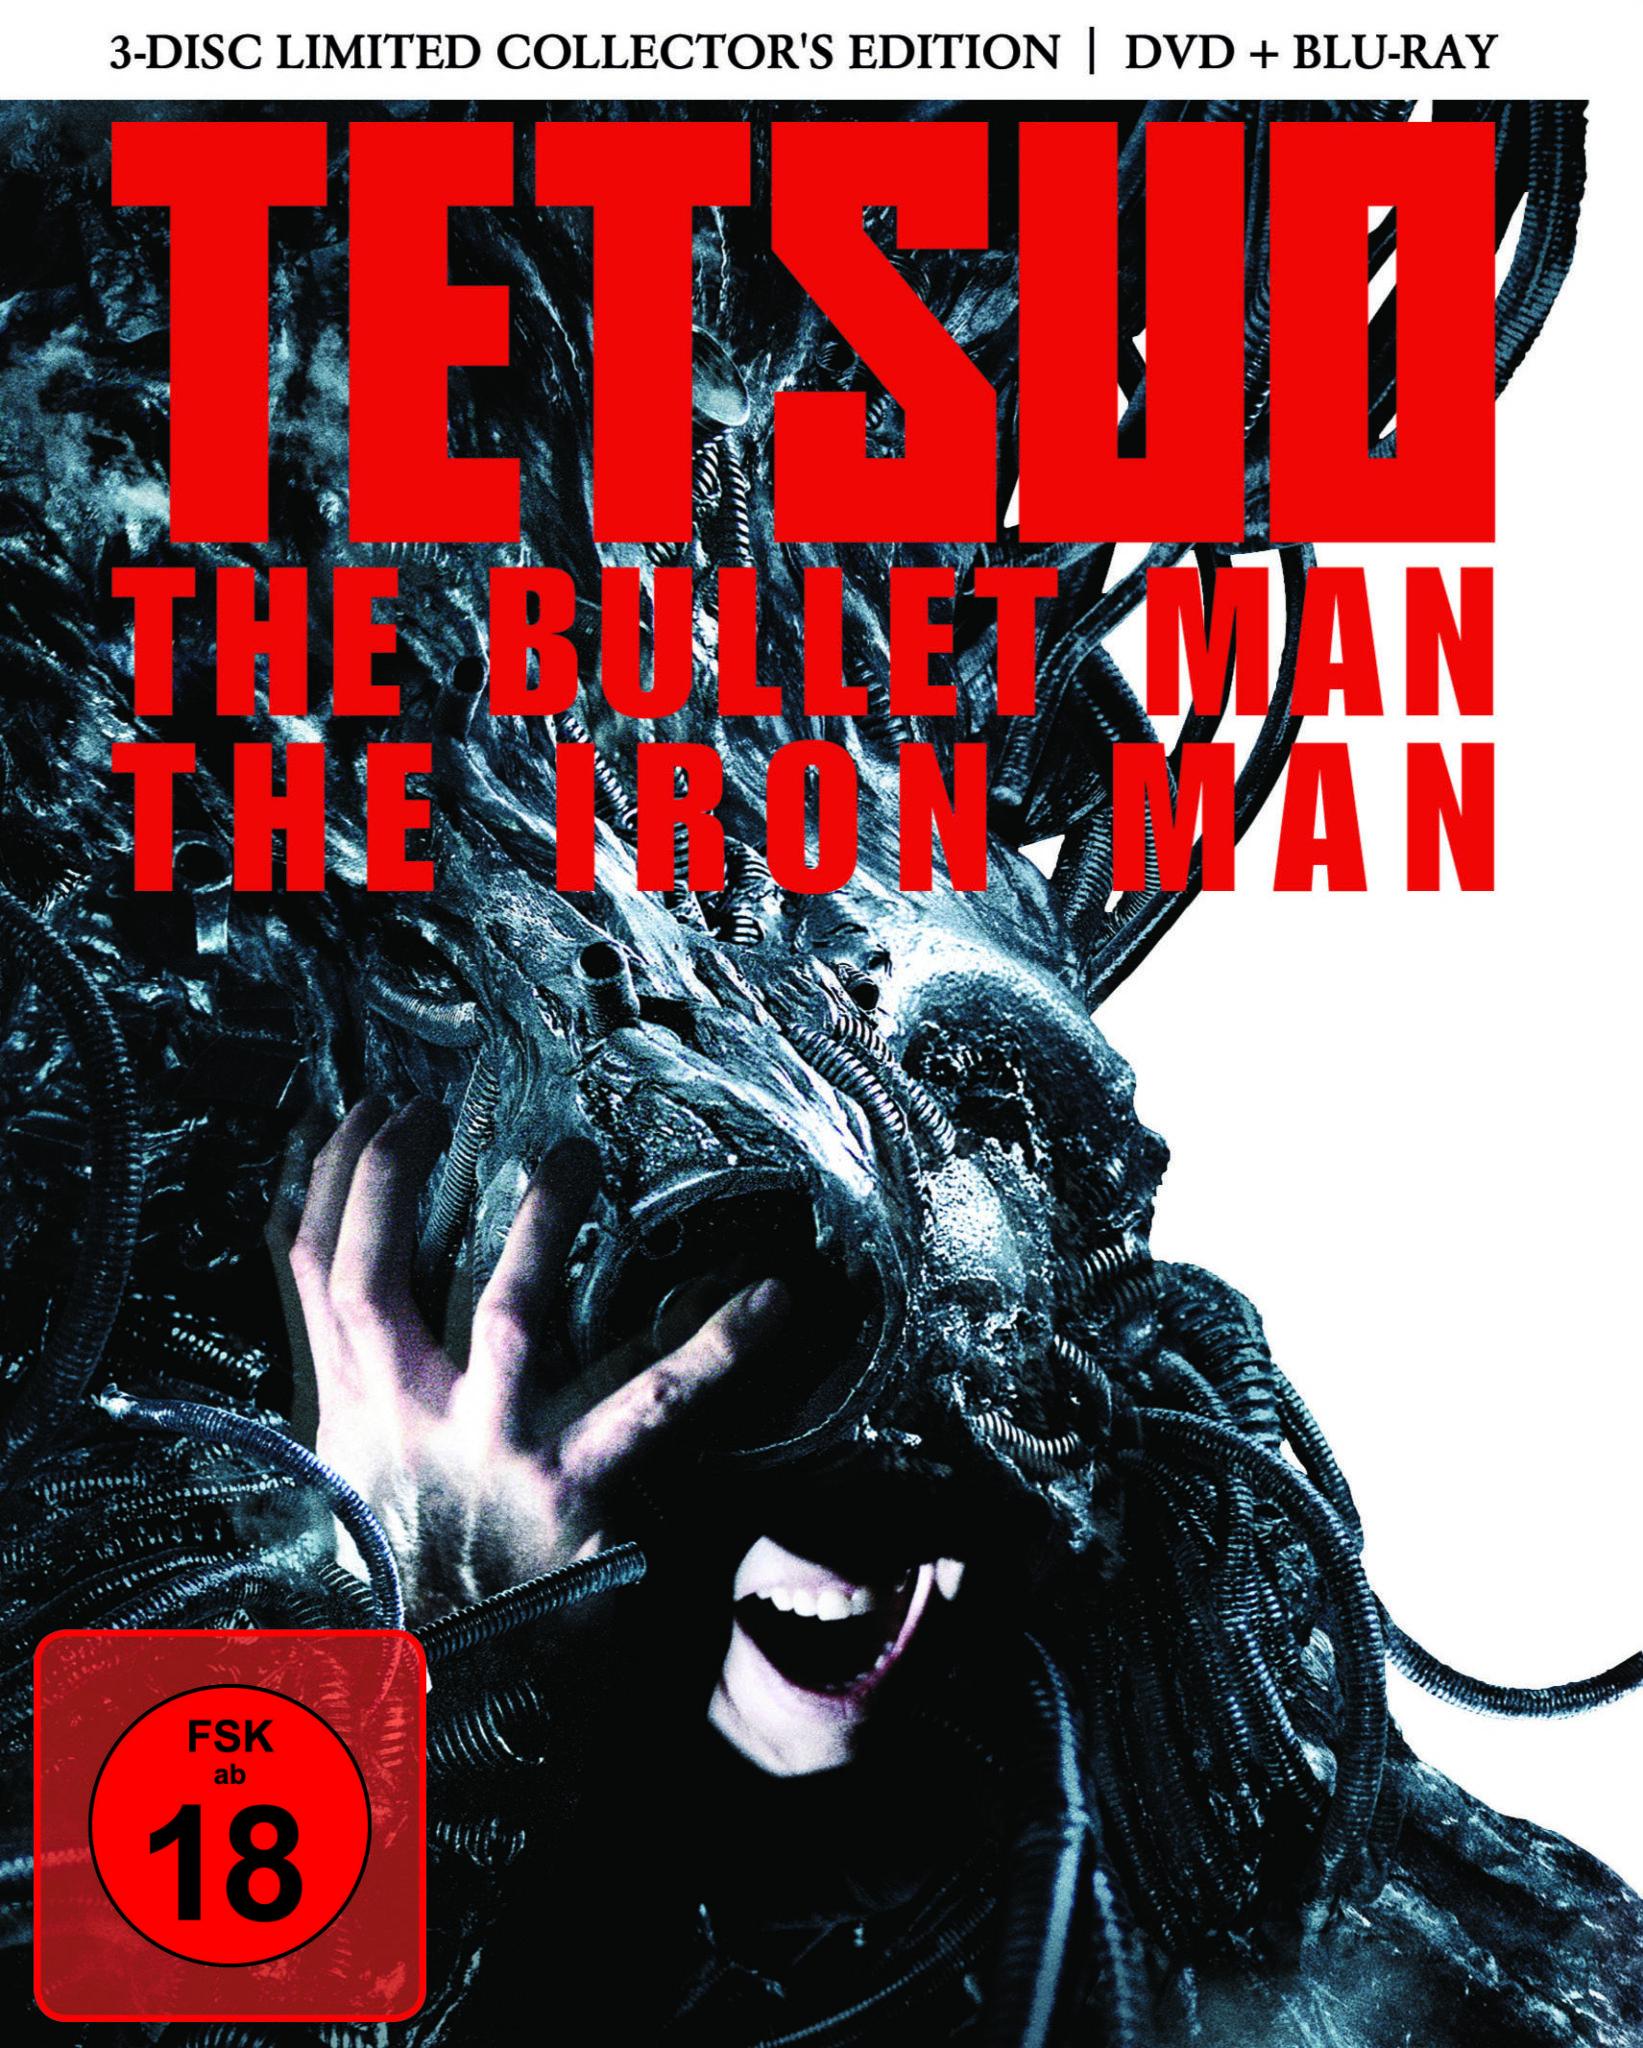 """Filme der 80er: Das Mediabook-Cover von """"Tetsuo - The Iron Man"""" und """"Tetsuo - The Bullet Man""""."""